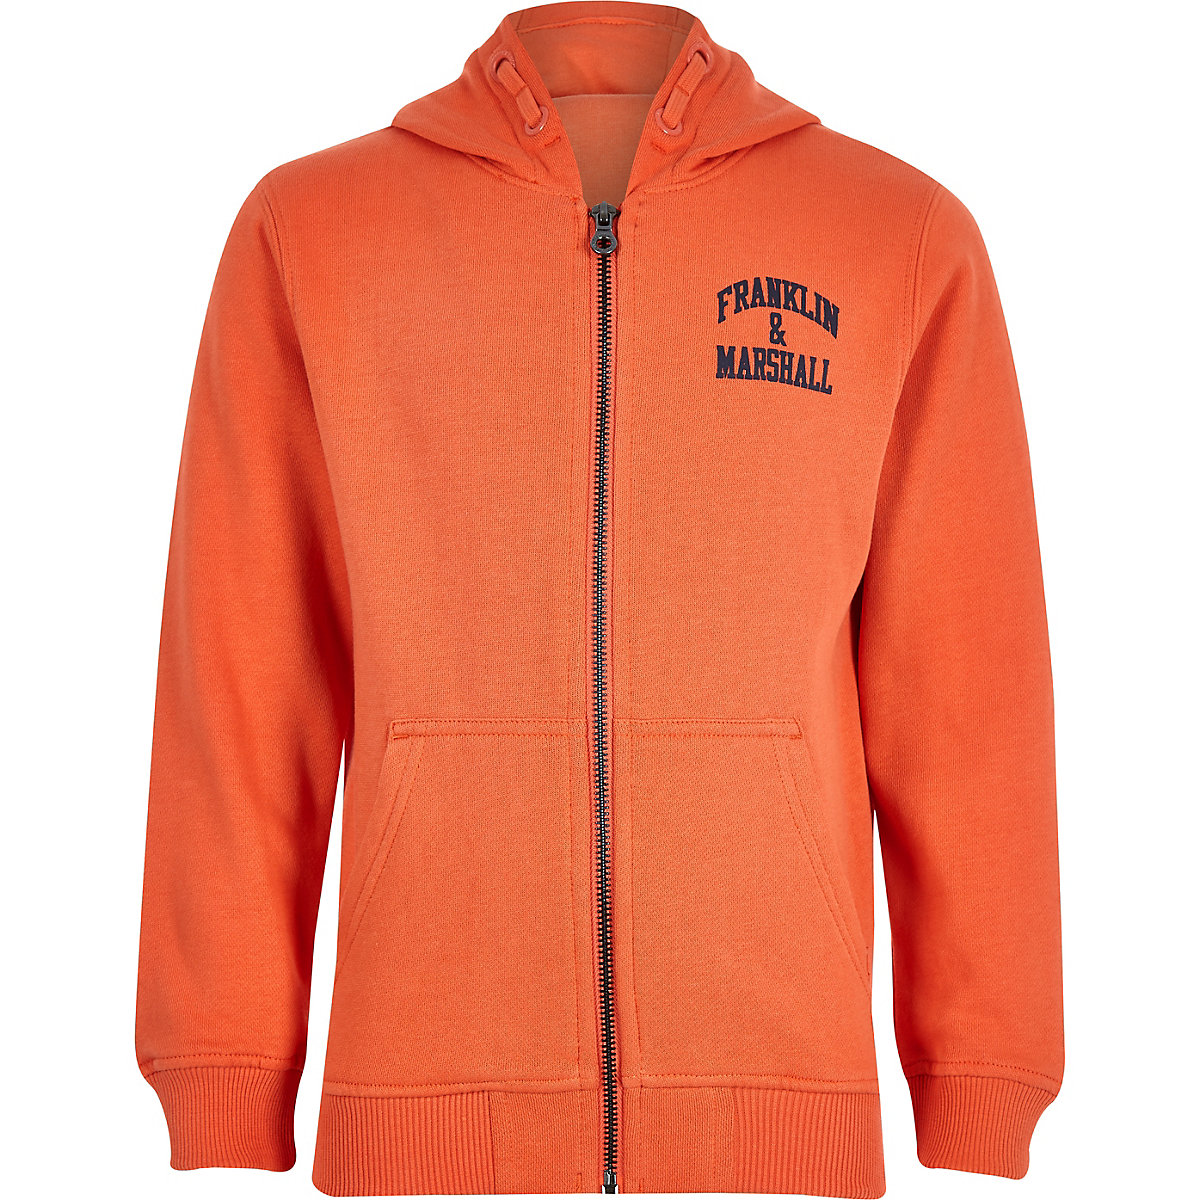 Franklin & Marshall – Hoodie in Orange mit Reißverschluss